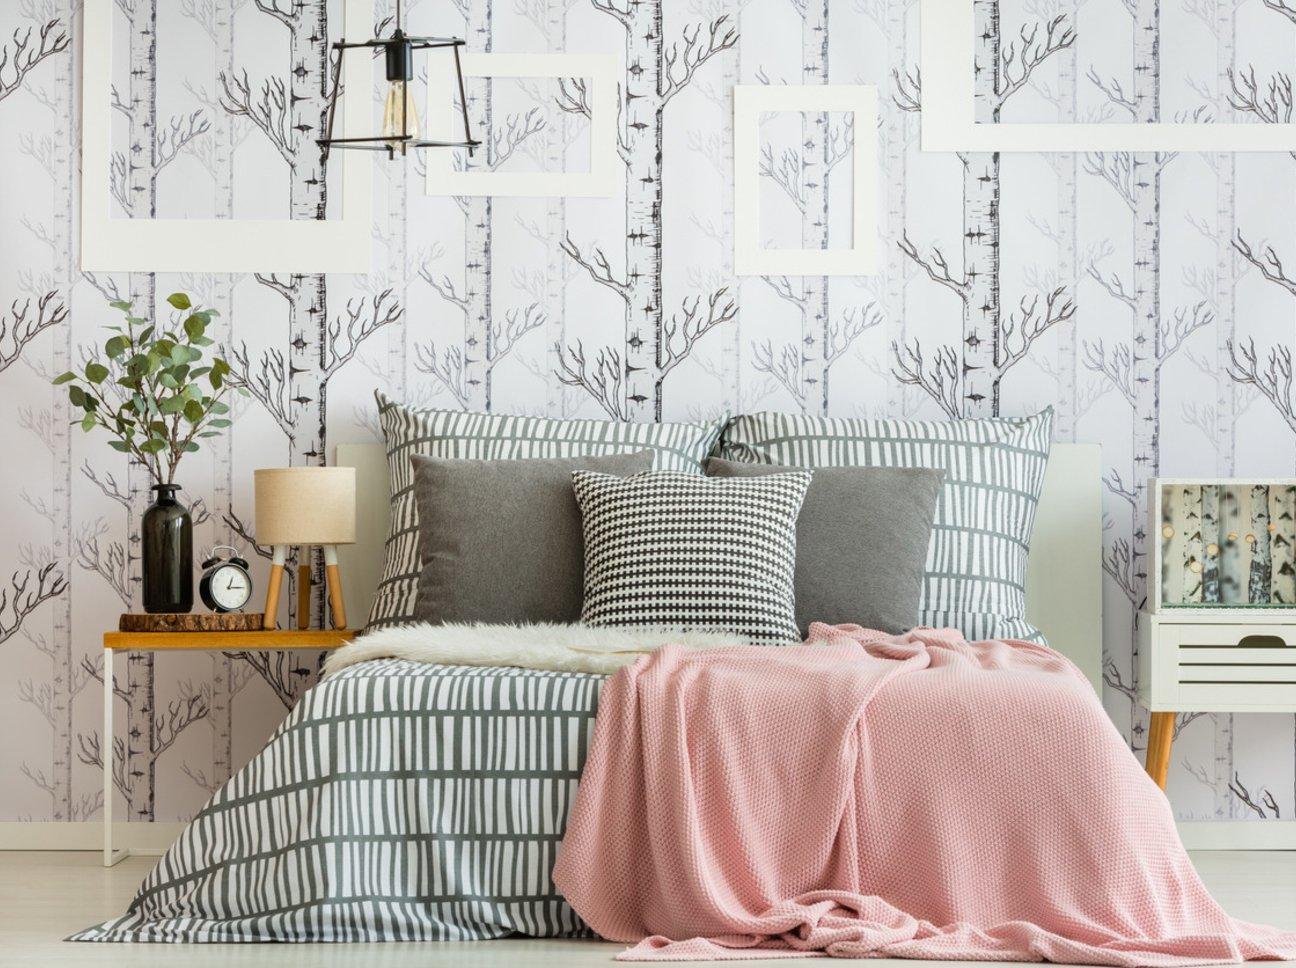 Full Size of Led Deckenleuchte Schlafzimmer Teppich Luxus Eckschrank Komplett Massivholz Set Mit Matratze Und Lattenrost Betten Klimagerät Für Loddenkemper Weiß Wohnzimmer Schlafzimmer Deko